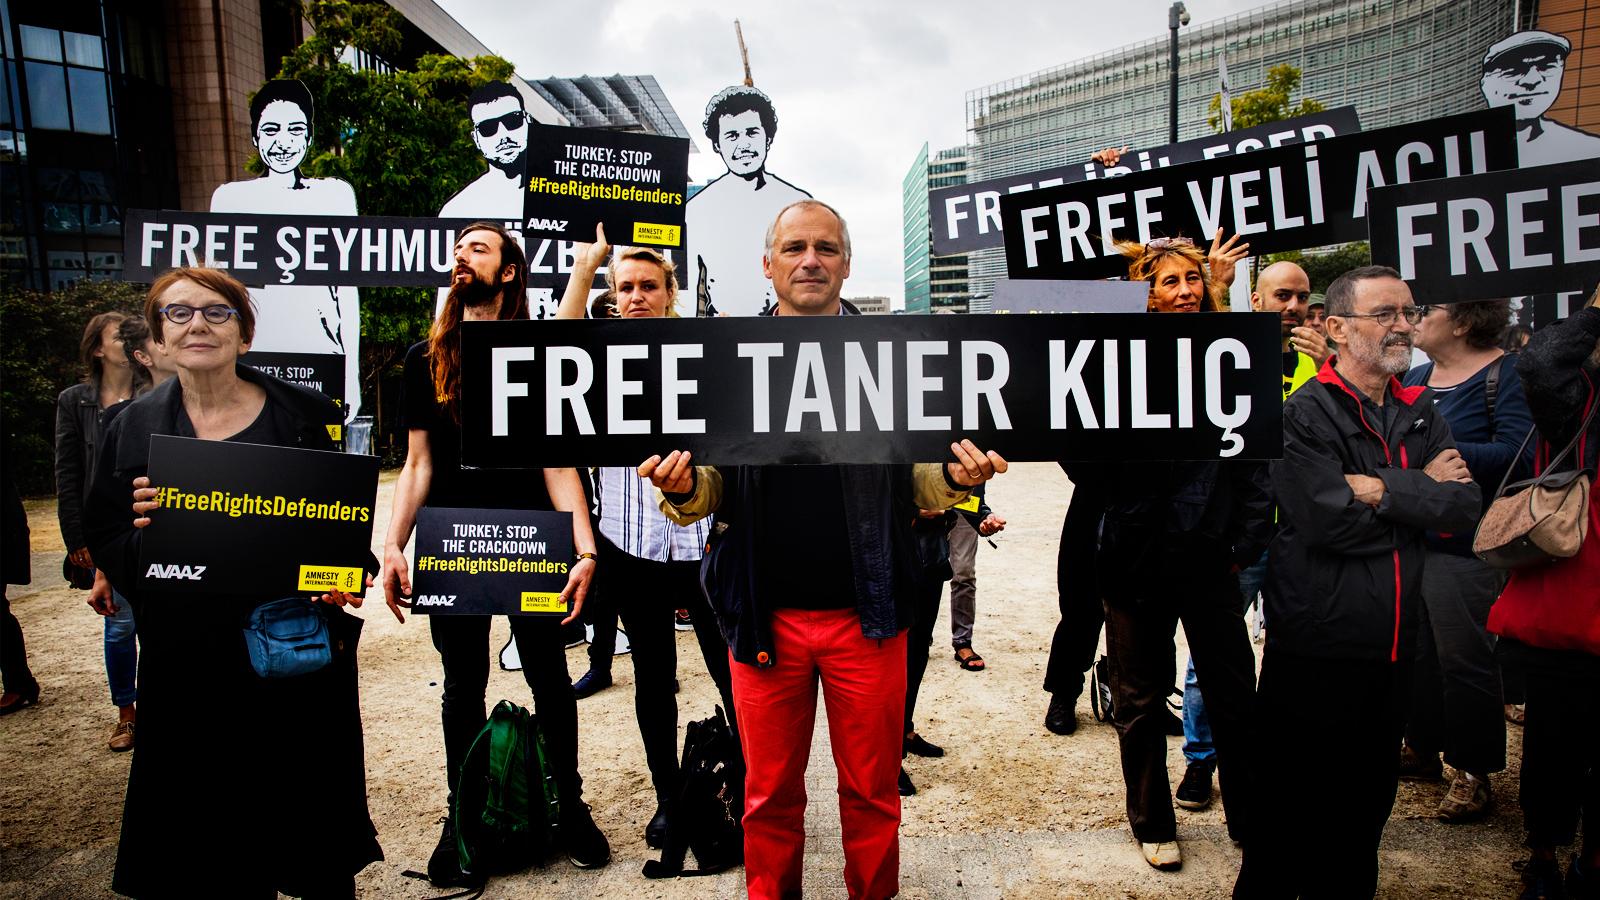 Kuvassa mielenosoittajat vaativat Turkissa pidätettyjen ihmisoikeuspuolustajien vapautusta.